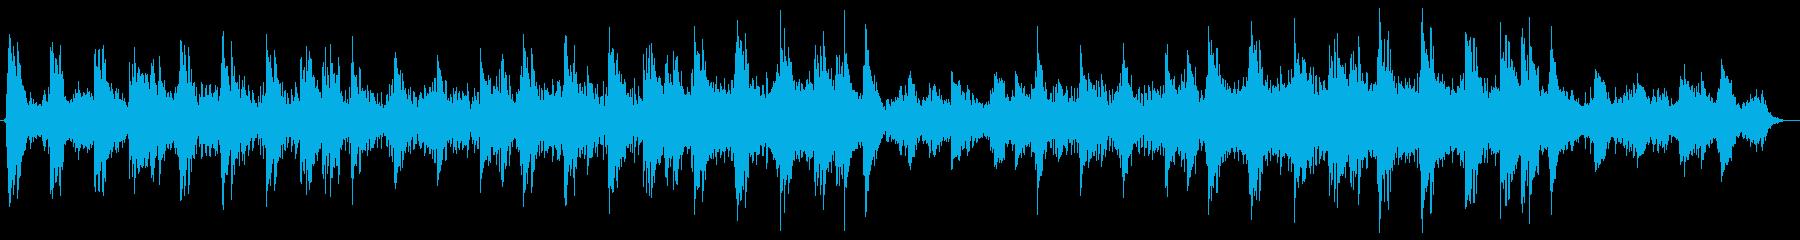 神秘的なピアノメロディーの再生済みの波形